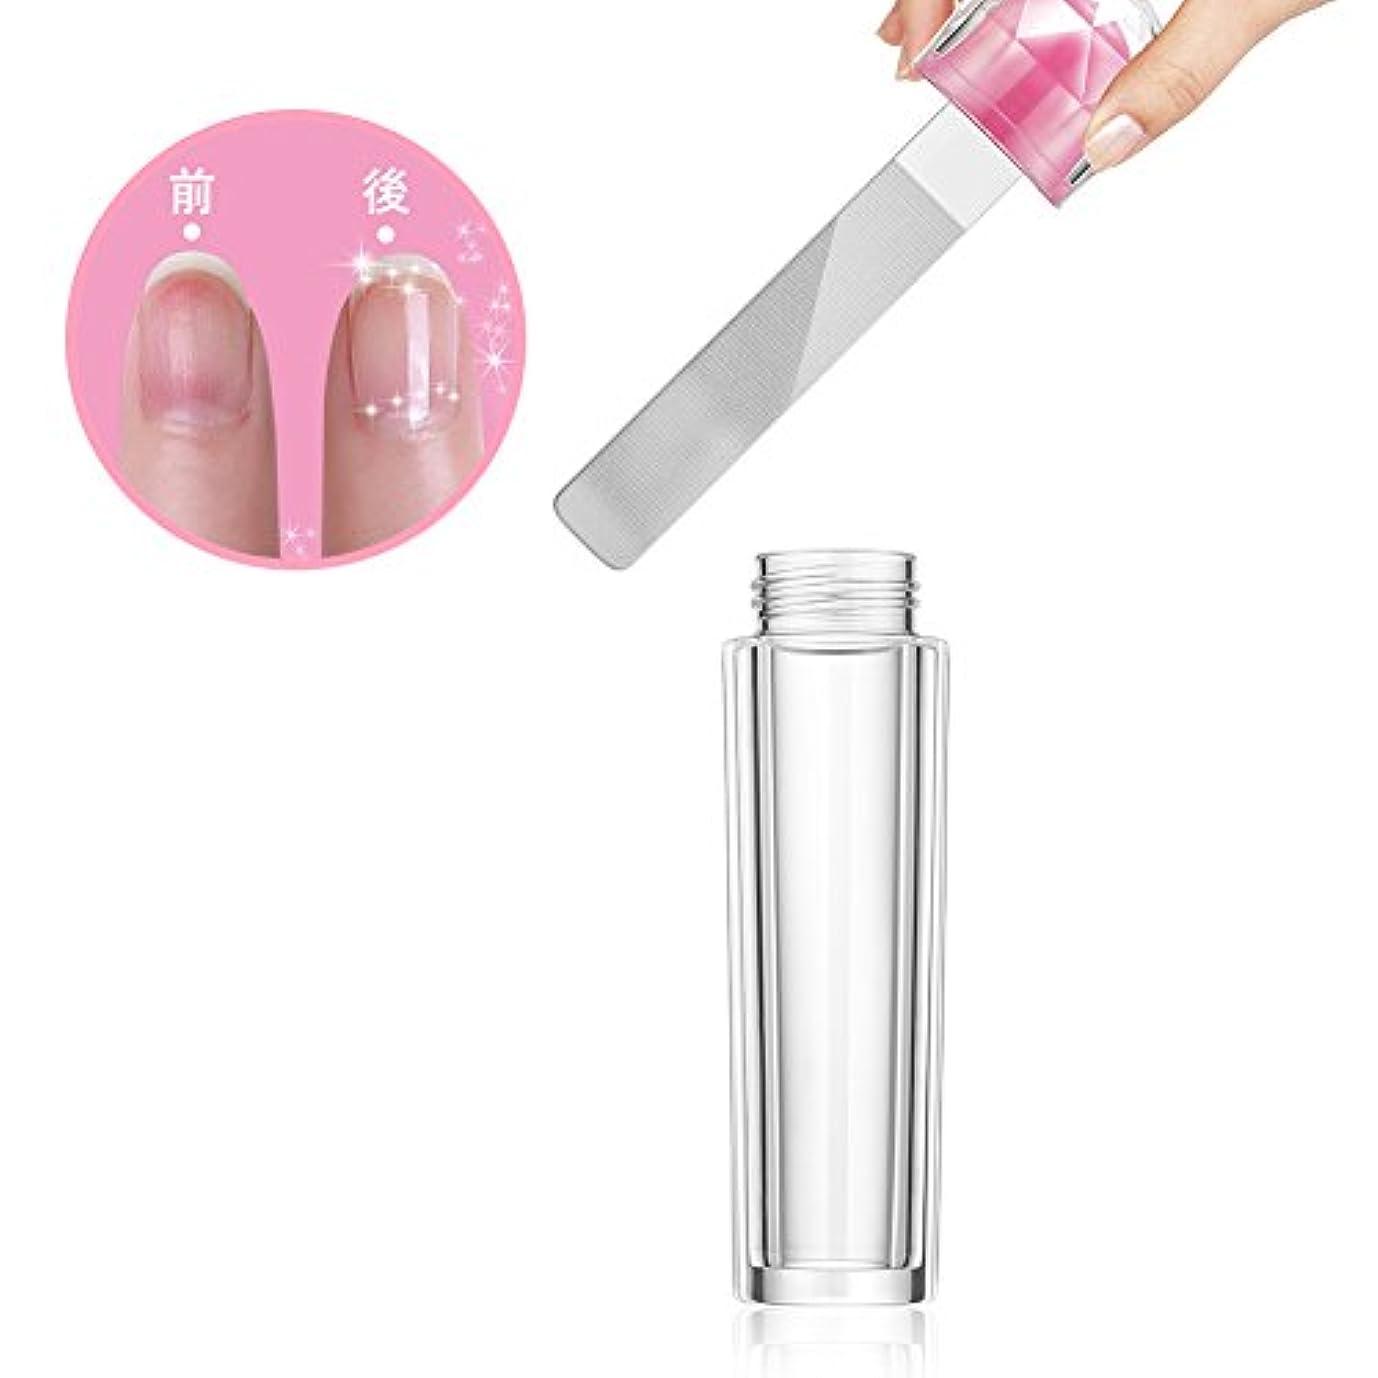 大使解決事前にガラス製 爪やすり 爪磨き ネイルケア ケース付き ネイルシャイナー ネイルケア (1個) (1個)